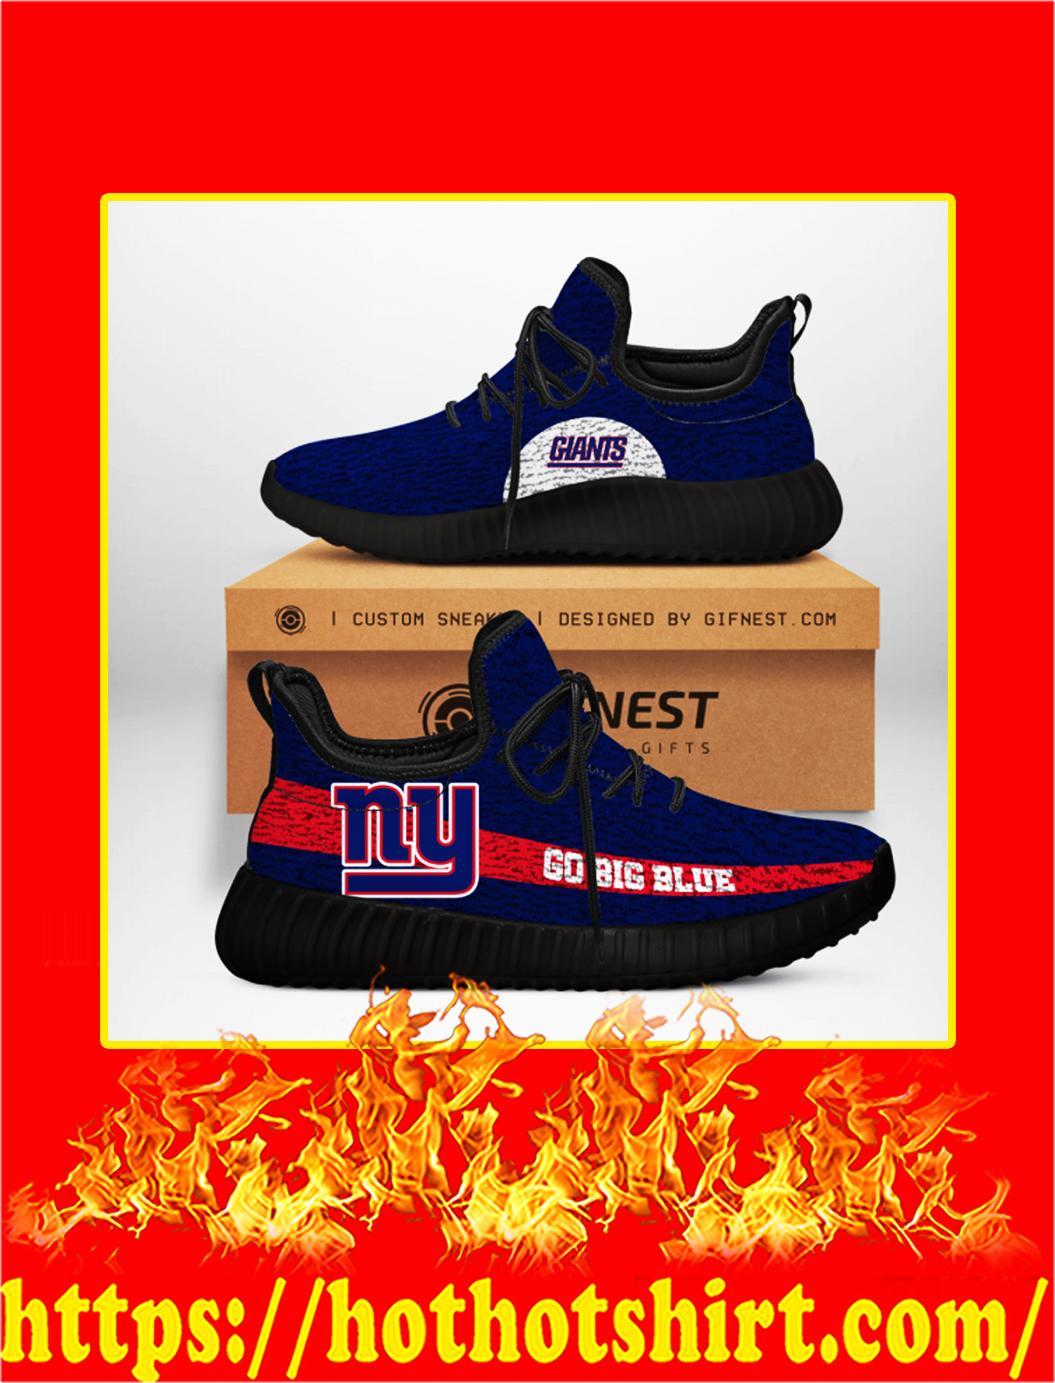 Go Big Blue New York Giants NFL Yeezy Sneaker